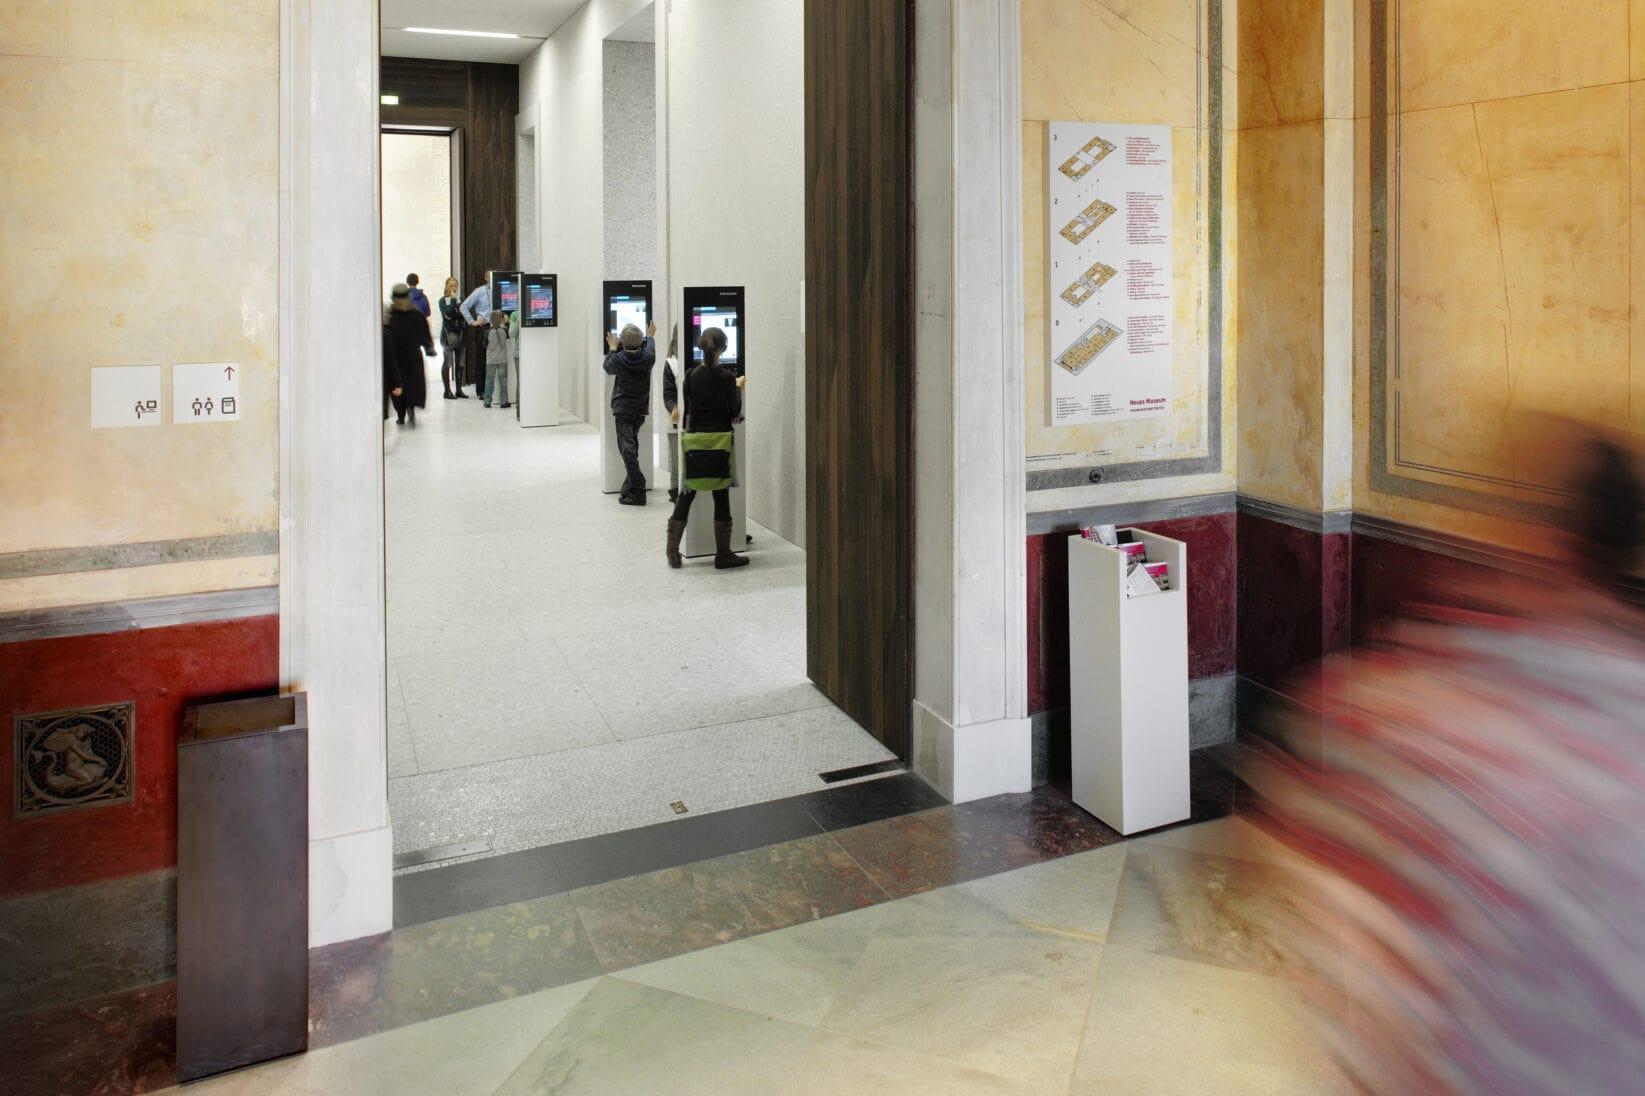 Museumsinsel Berlin NeuesMuseum Leitsystem Signaletik Gesamtkonzept Innenraum Wegweiser Orientierungsplan